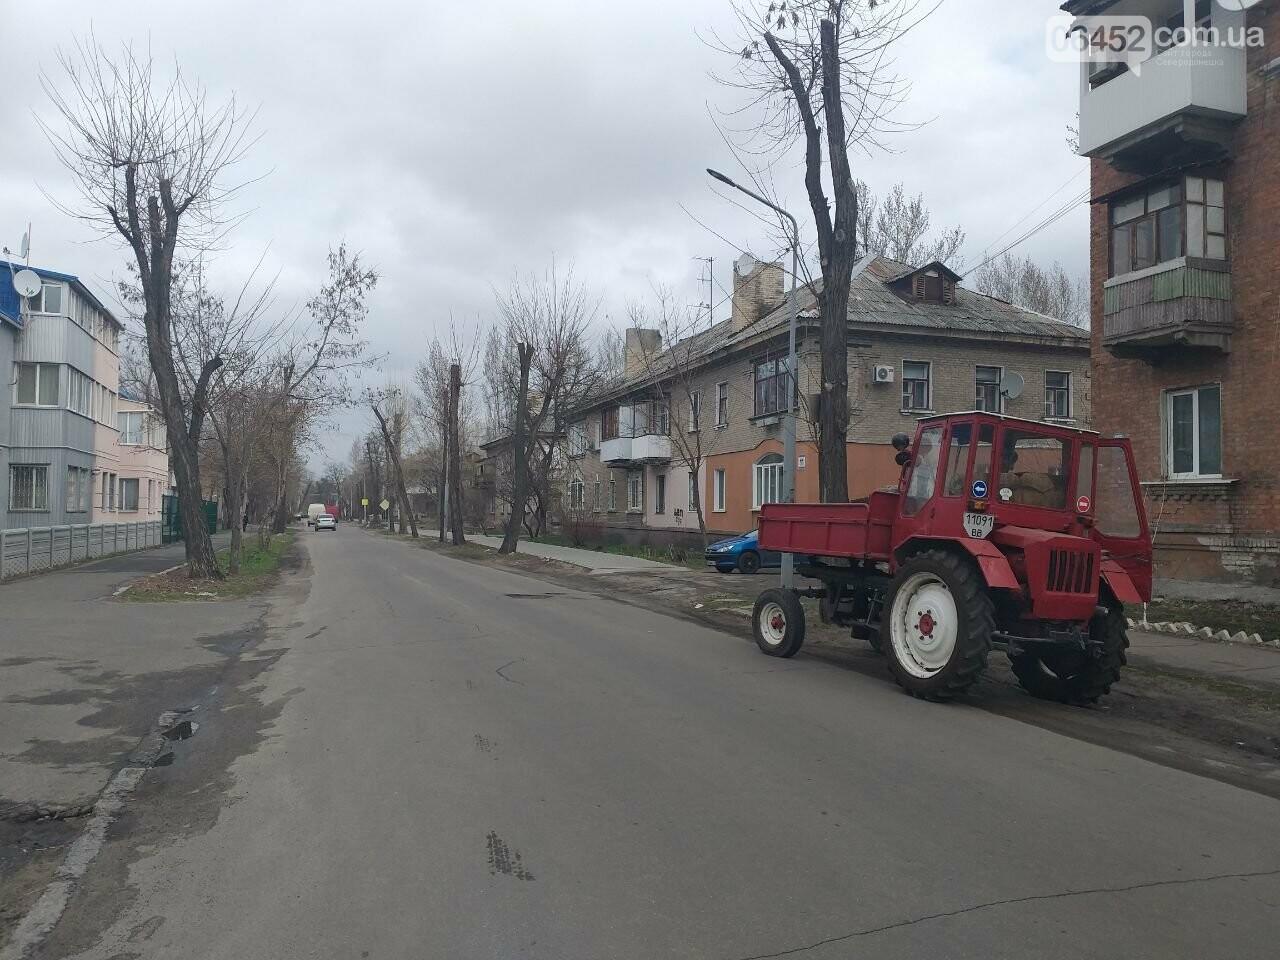 «Зеленая весна» в Северодонецке. Как благоустраивают город после зимы (фото), фото-8